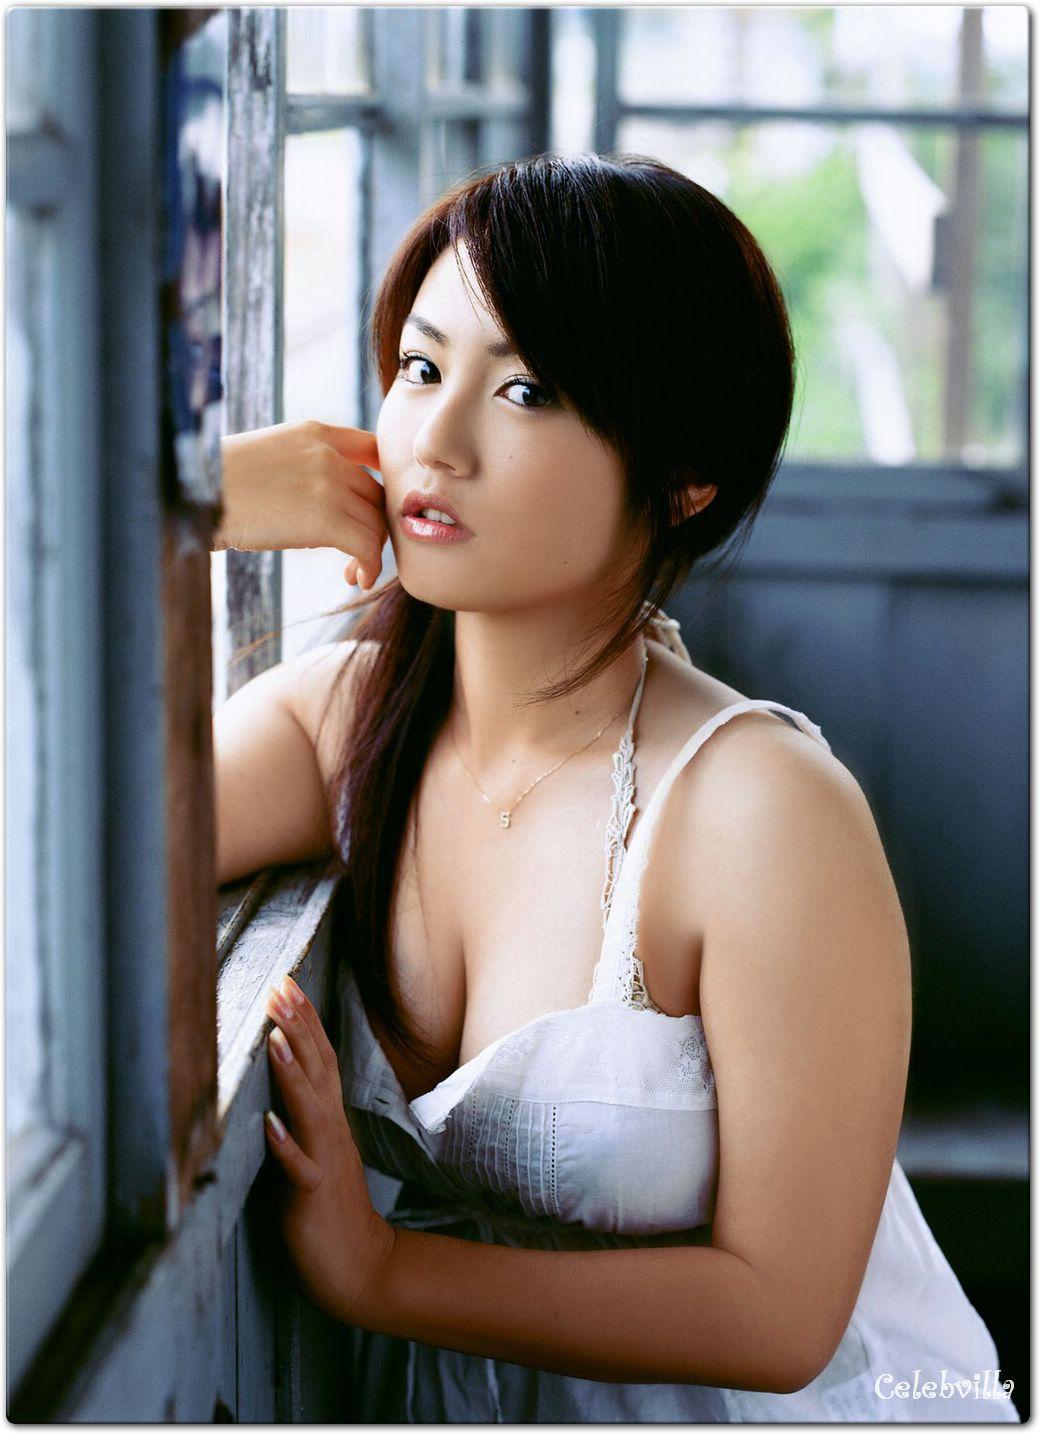 Sayaka Isoyama Nude Photos 76